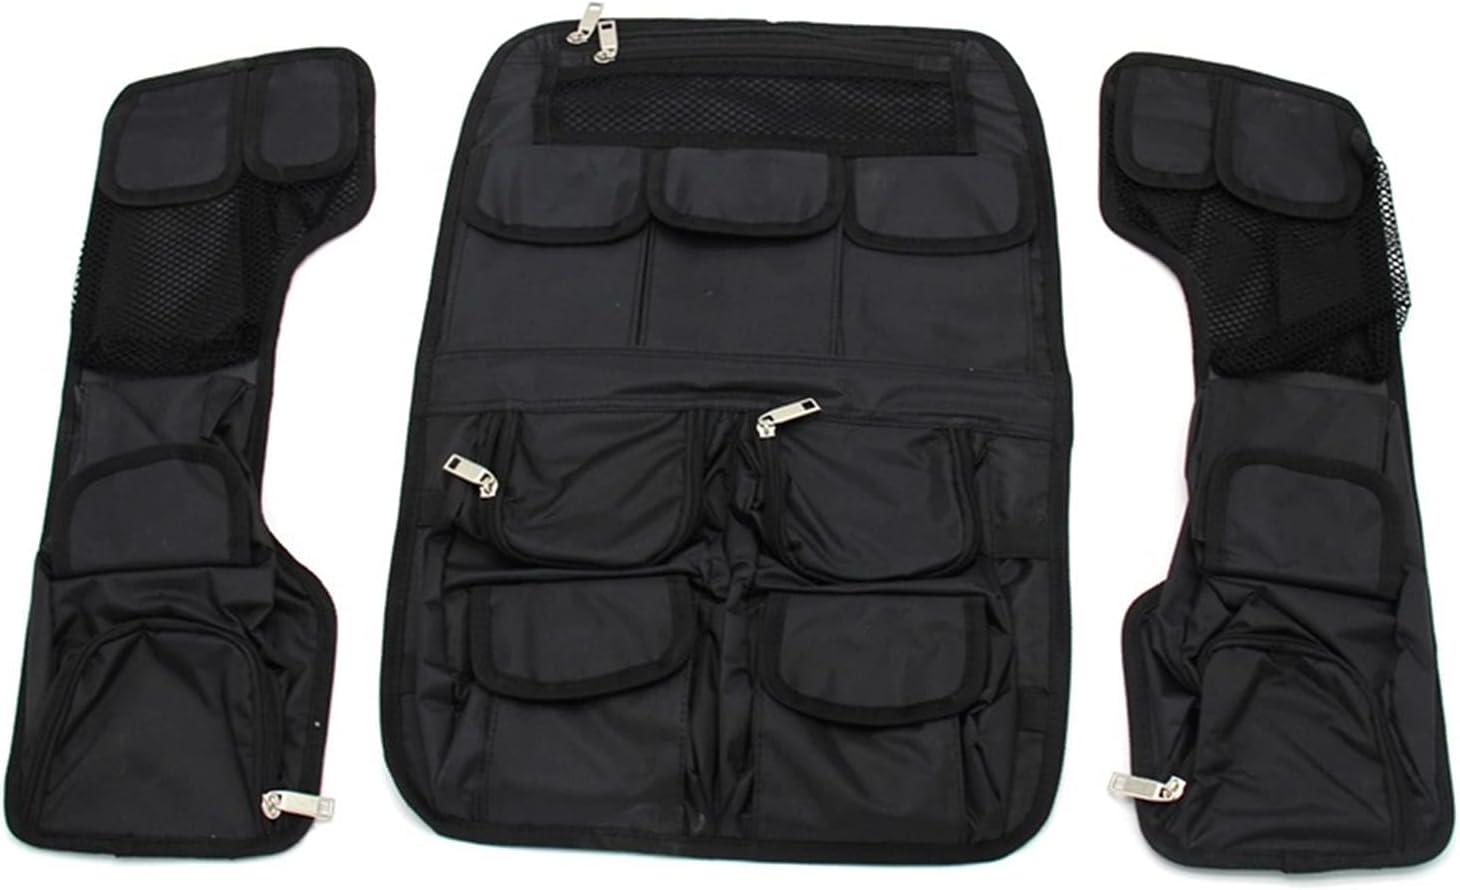 JINCHUANYY Motorcycle Black Courier shipping free shipping Hard Saddlemen Li Max 66% OFF Tour Pak Saddlebag